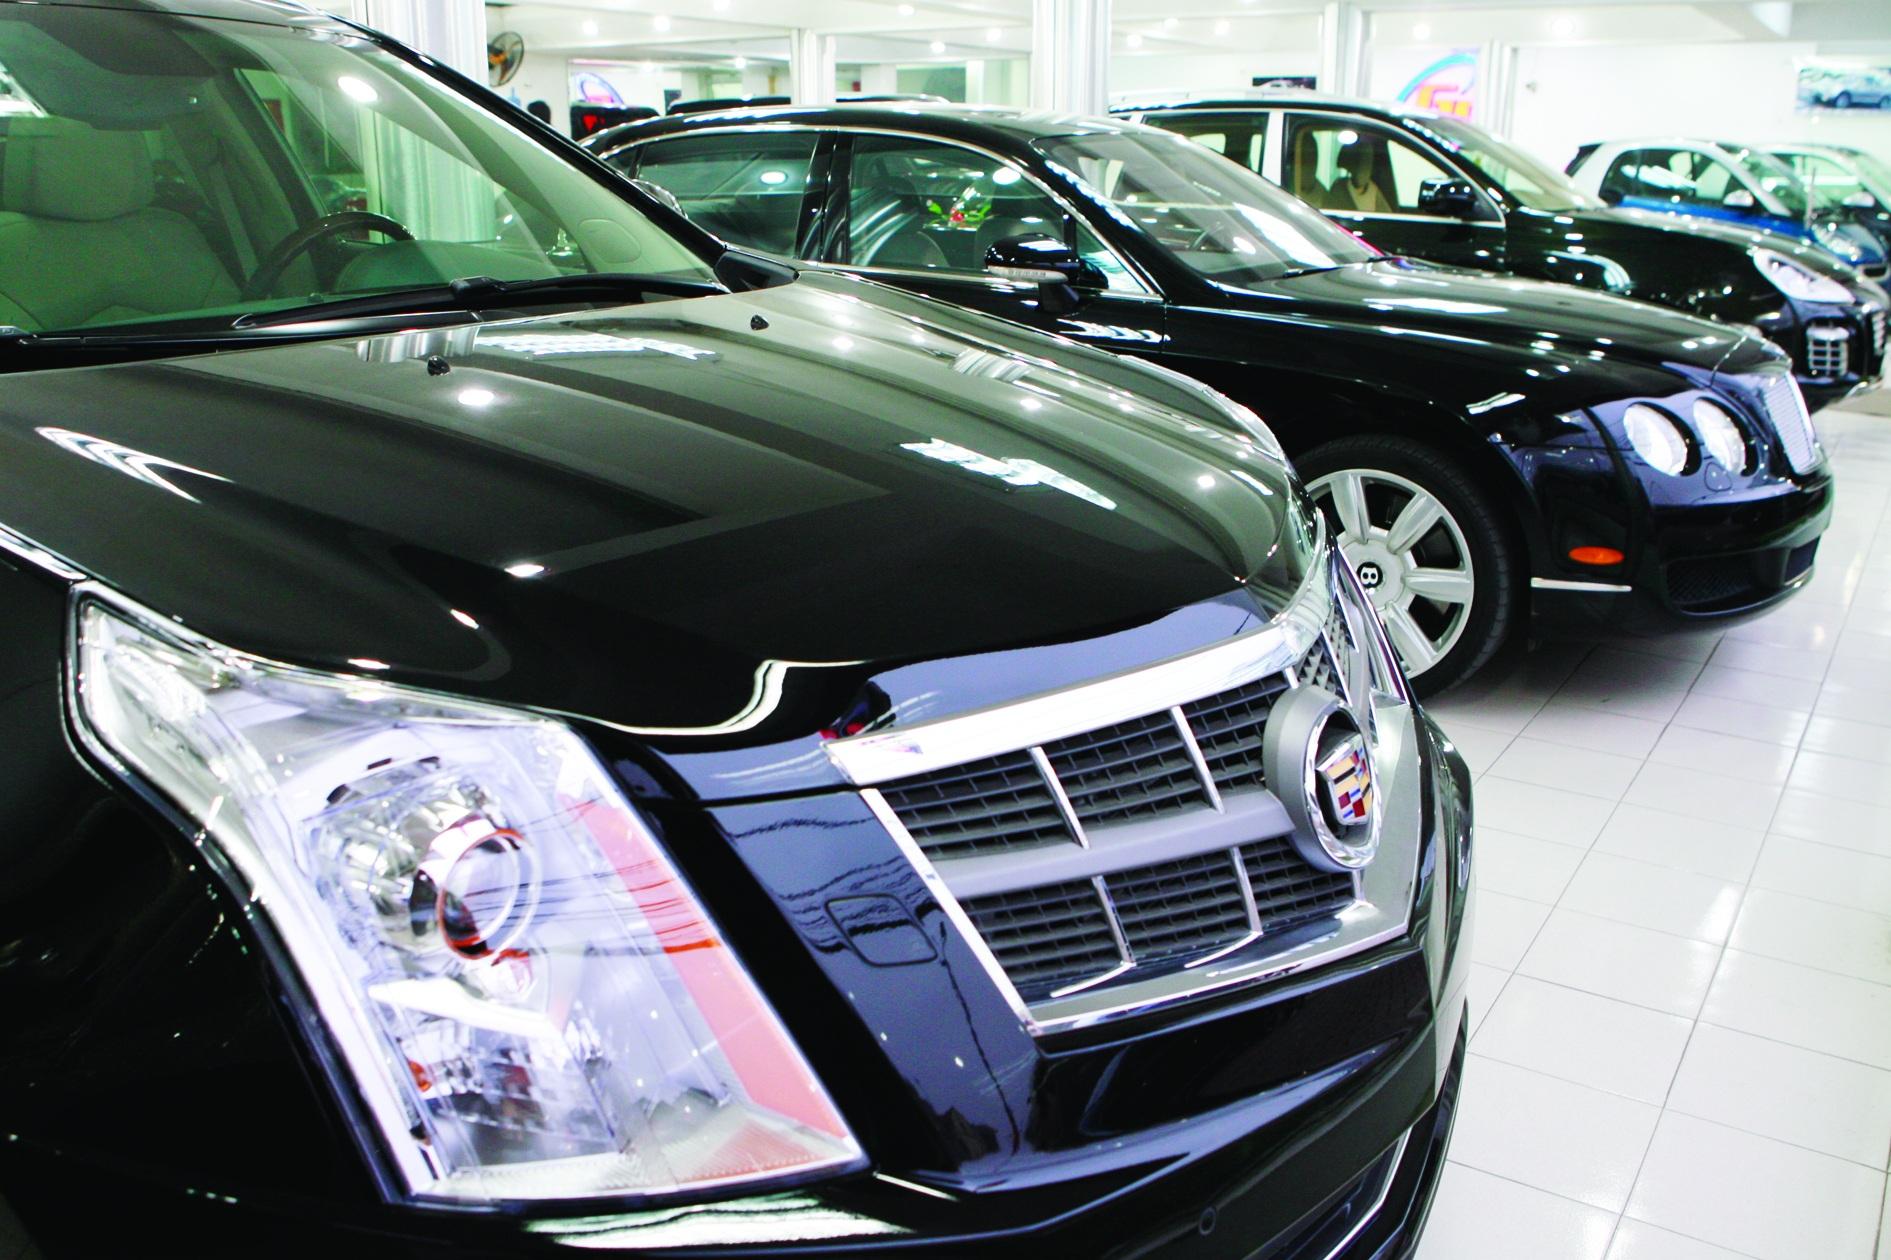 Trong tháng 7/2016 số lượng các dòng xe sử dụng động cơ dung tích lớn đã giảm hẳn, thể hiện qua giá trị của xe khi nhập khẩu vào Việt Nam